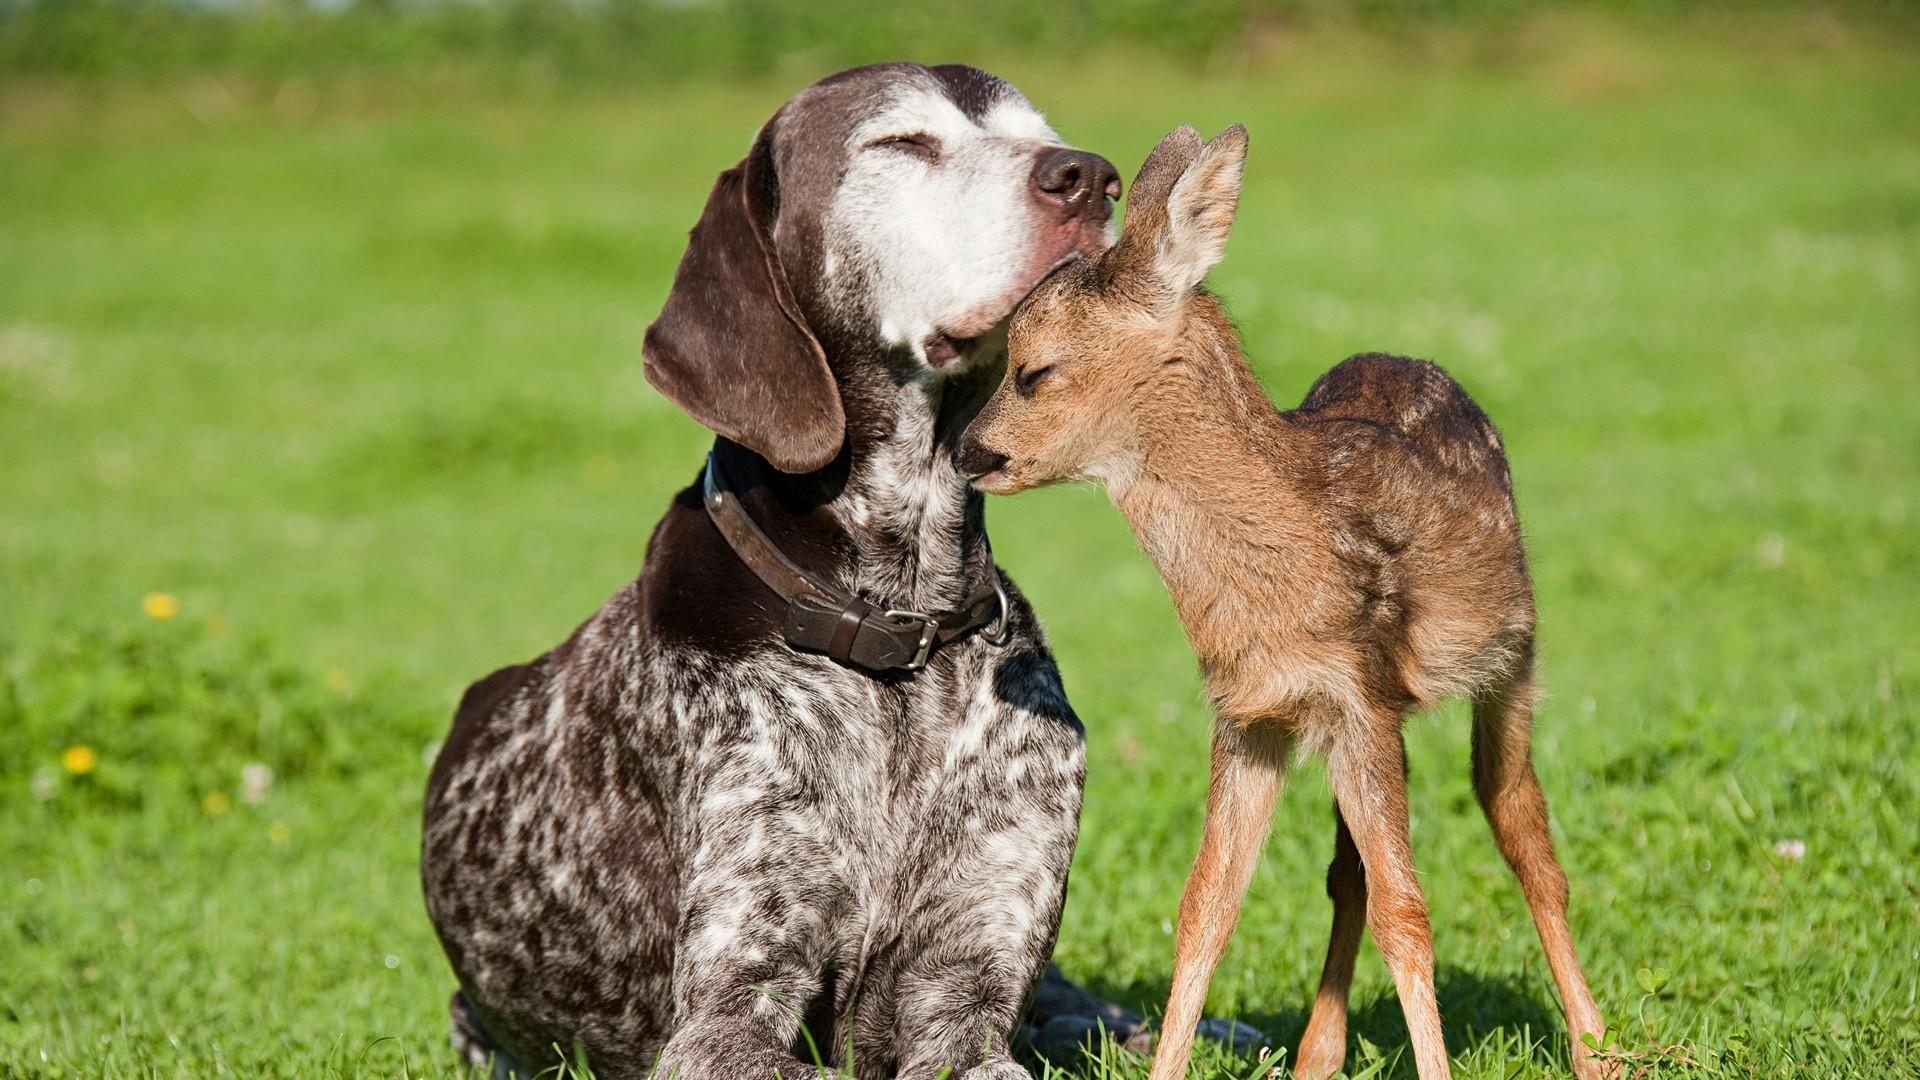 3d Amitié Wallpaper entre un chien et un chien cerfs wallpaper